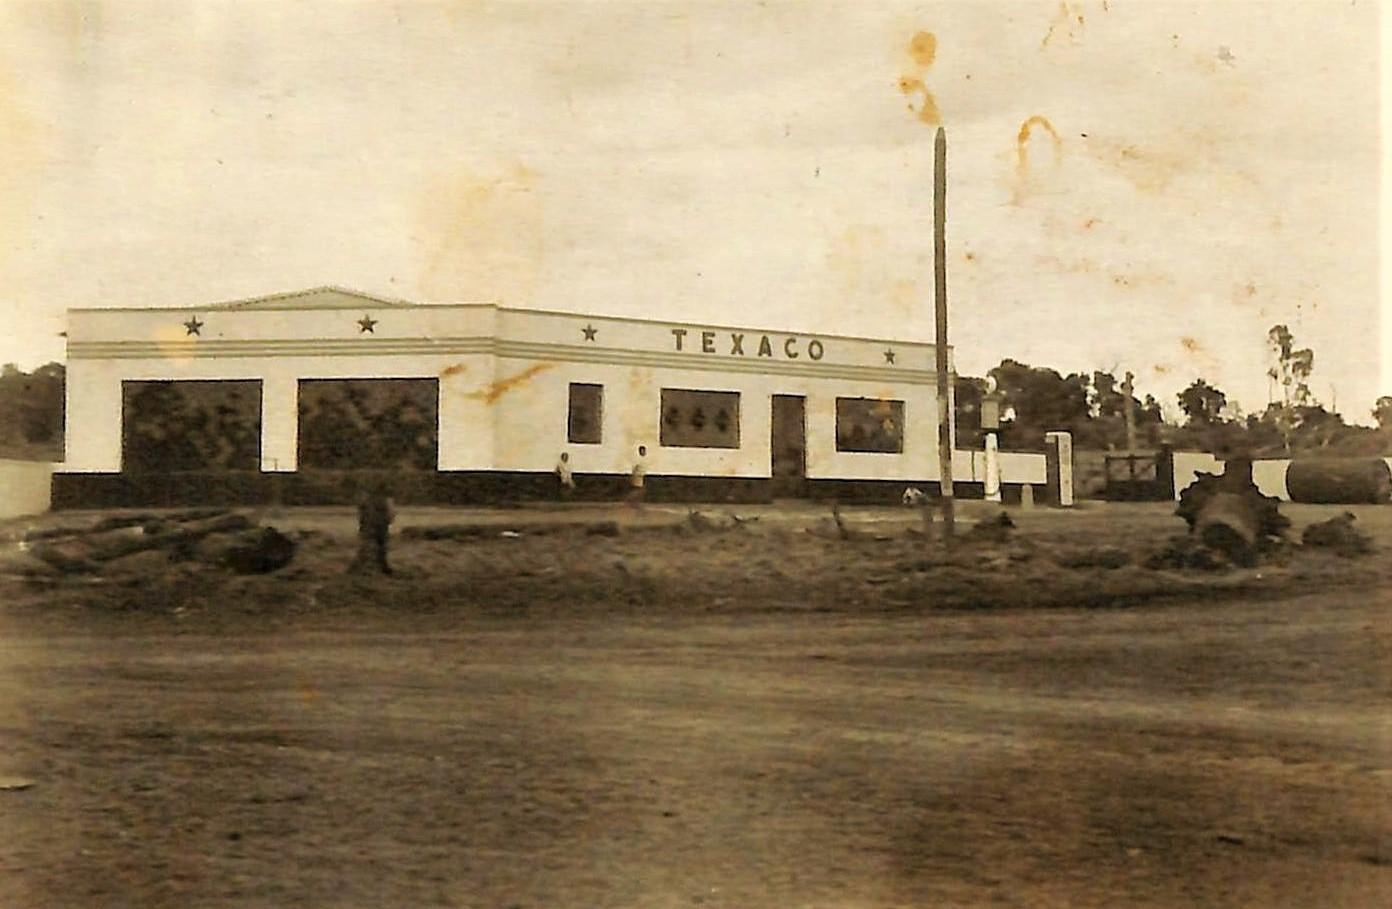 Posto Texaco - Final dos anos 1940